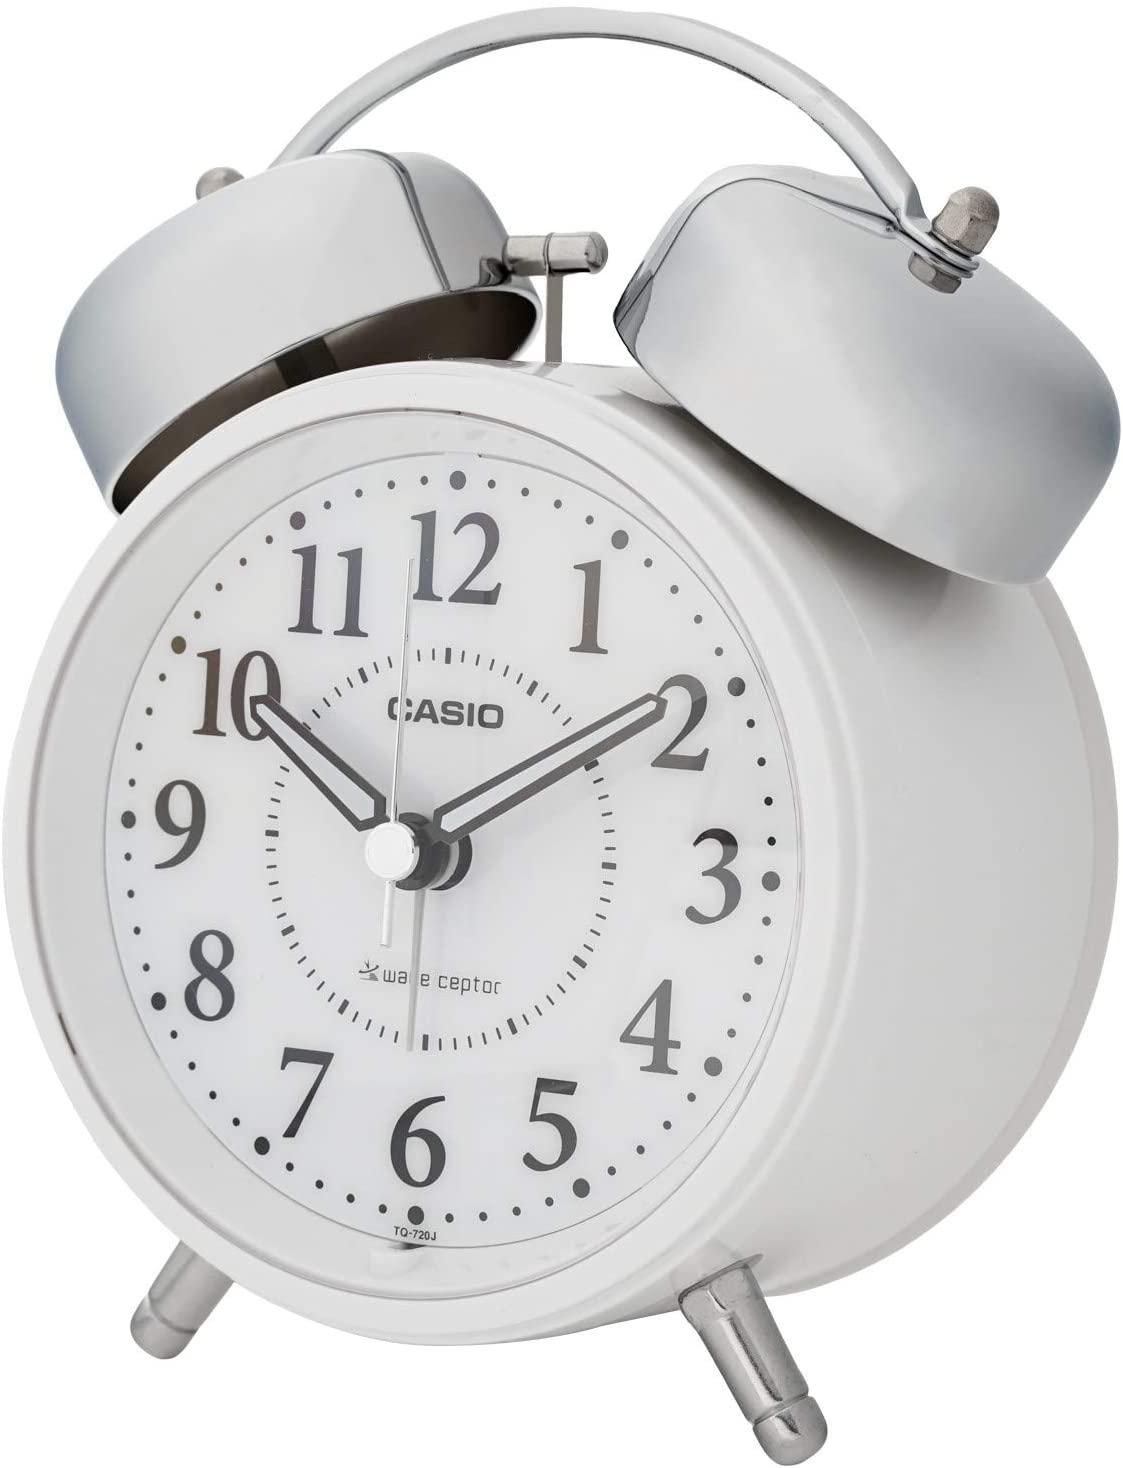 目覚まし時計のおすすめ11選!自然に起きられる光タイプも